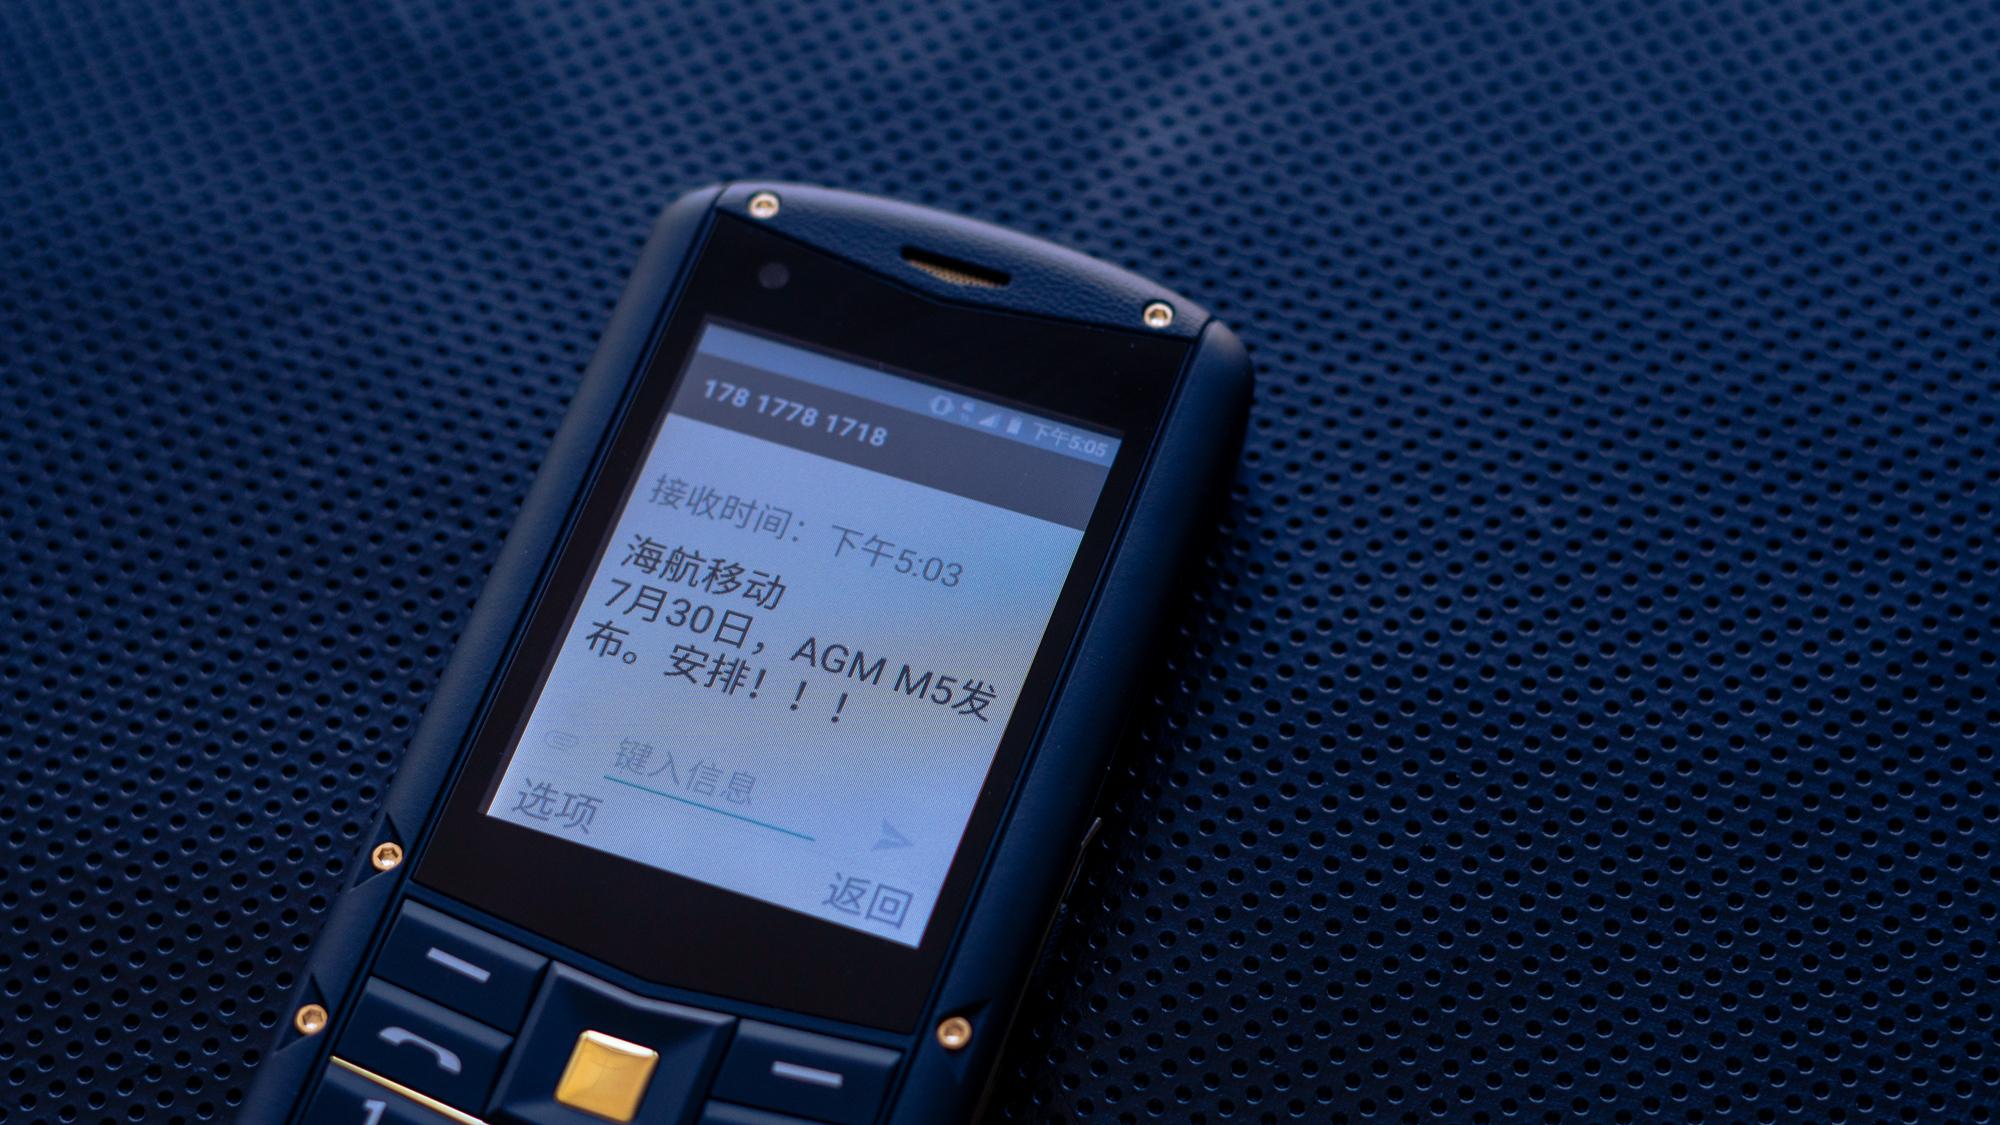 最強4g功能手机将发:功能键 触摸屏 手机微信,战狼2血系AGM荣誉出品